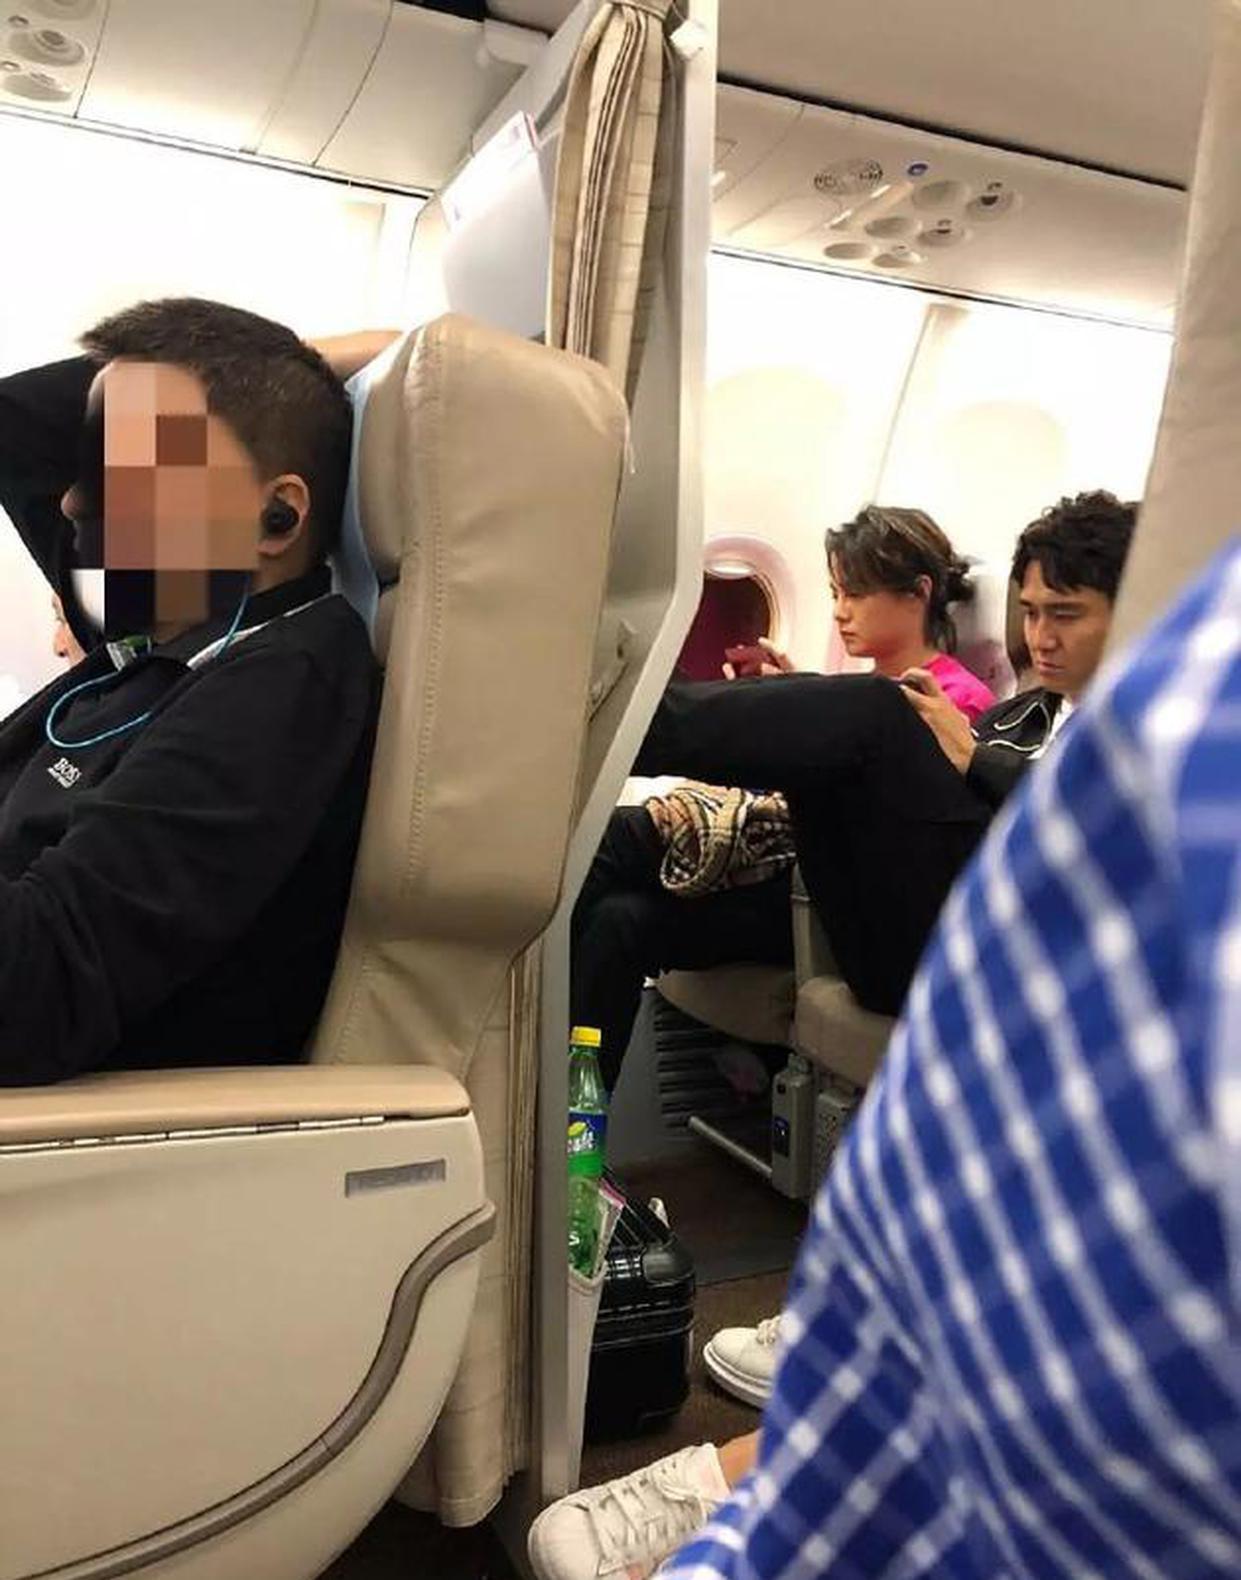 Giữa scandal mua bằng tiến sĩ, Địch Thiên Lâm tiếp tục khiến nhiều người phẫn nộ vì làm điều này trên máy bay - Ảnh 3